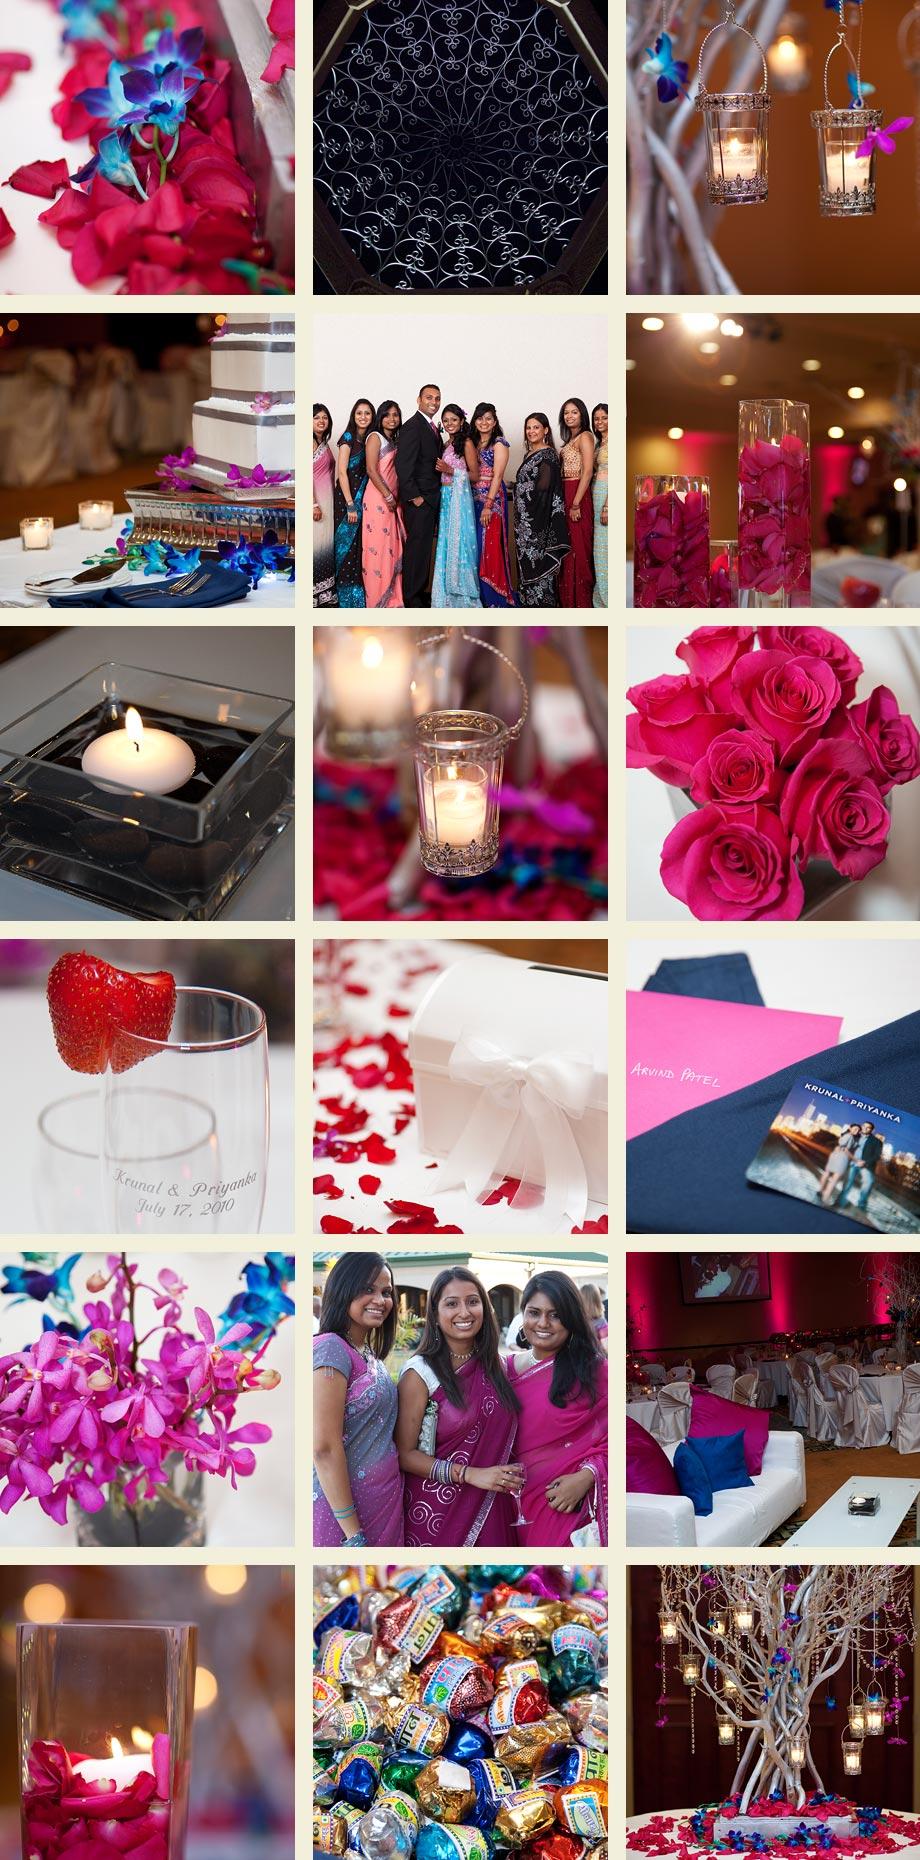 chicago indian wedding reception photos